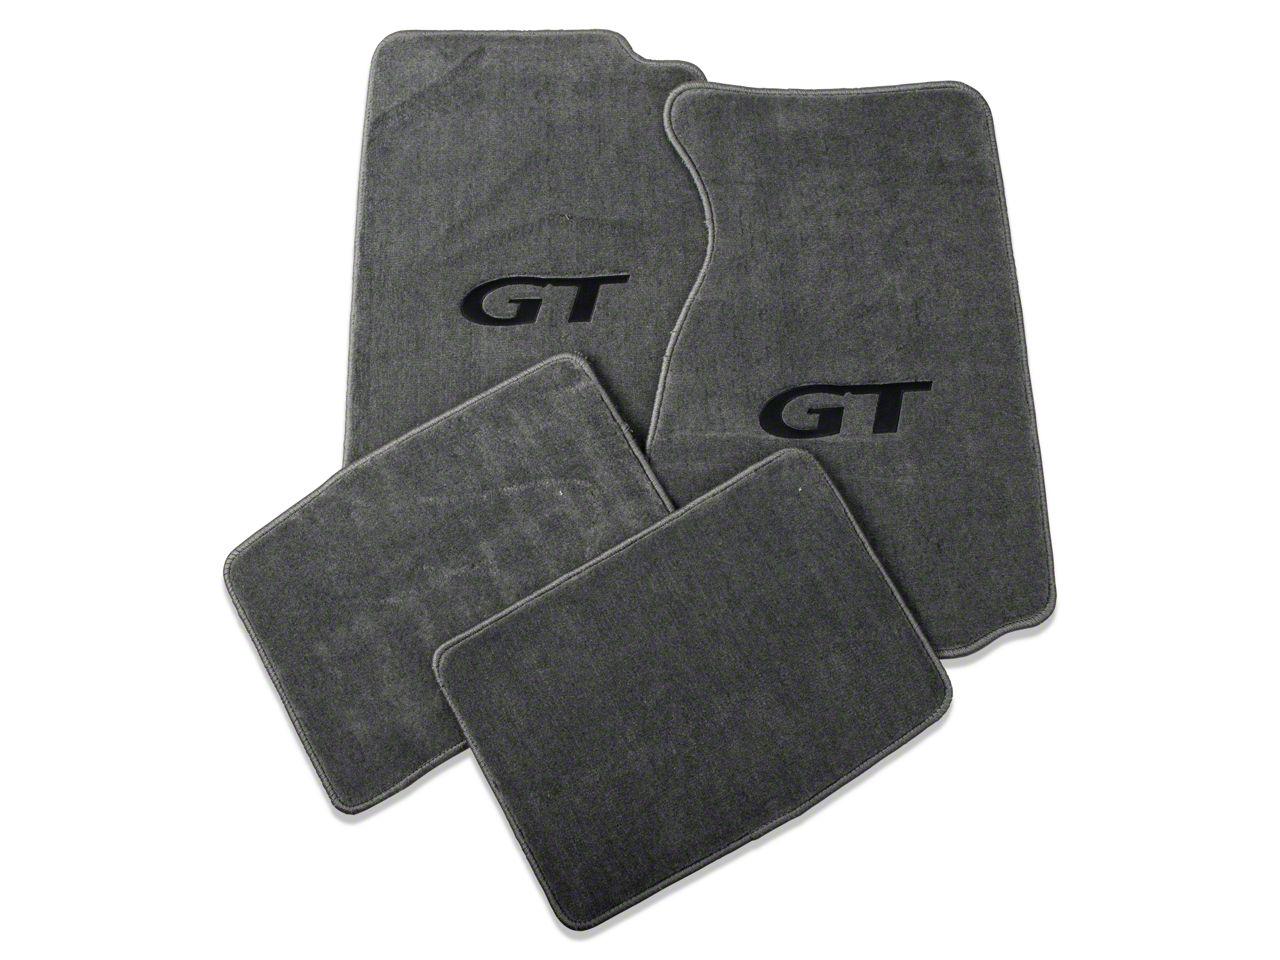 Lloyd Front & Rear Floor Mats w/ Black GT Logo - Gray (99-04 All)